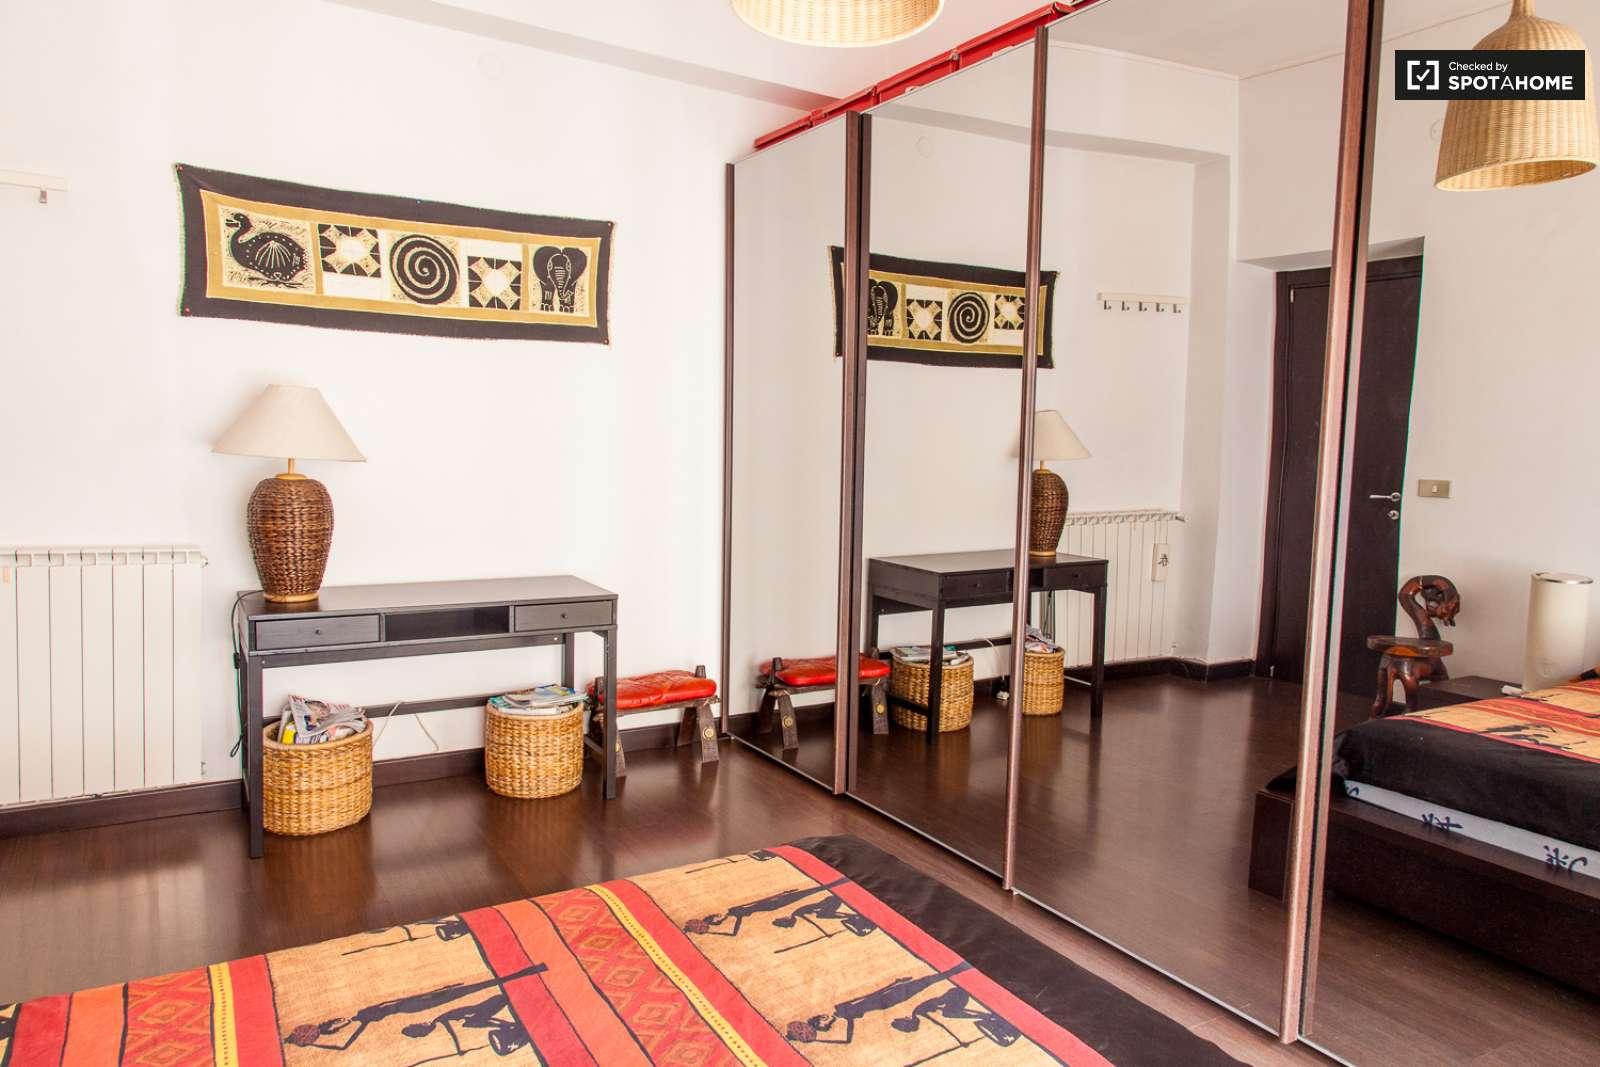 Spazioso appartamento con 2 camere da letto in affitto a for Appartamento con 2 camere da letto